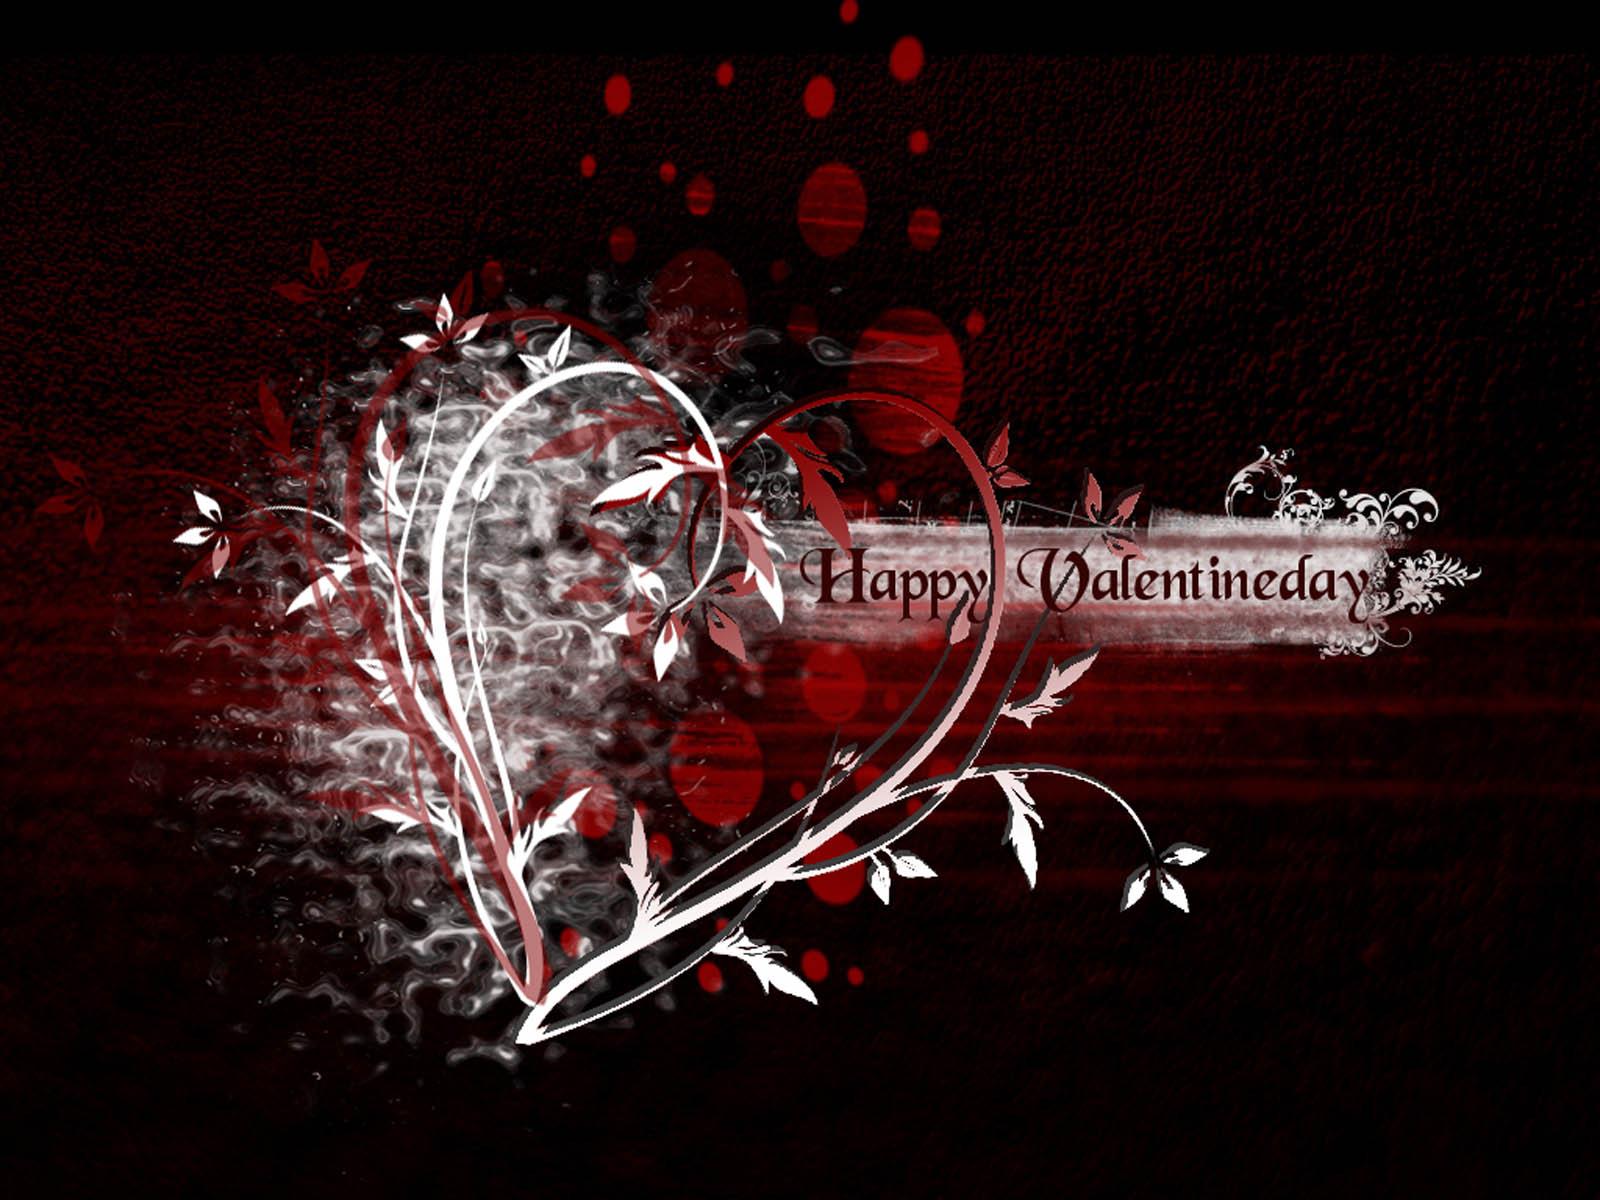 wallpapers Valentines Day Desktop Wallpapers 1600x1200